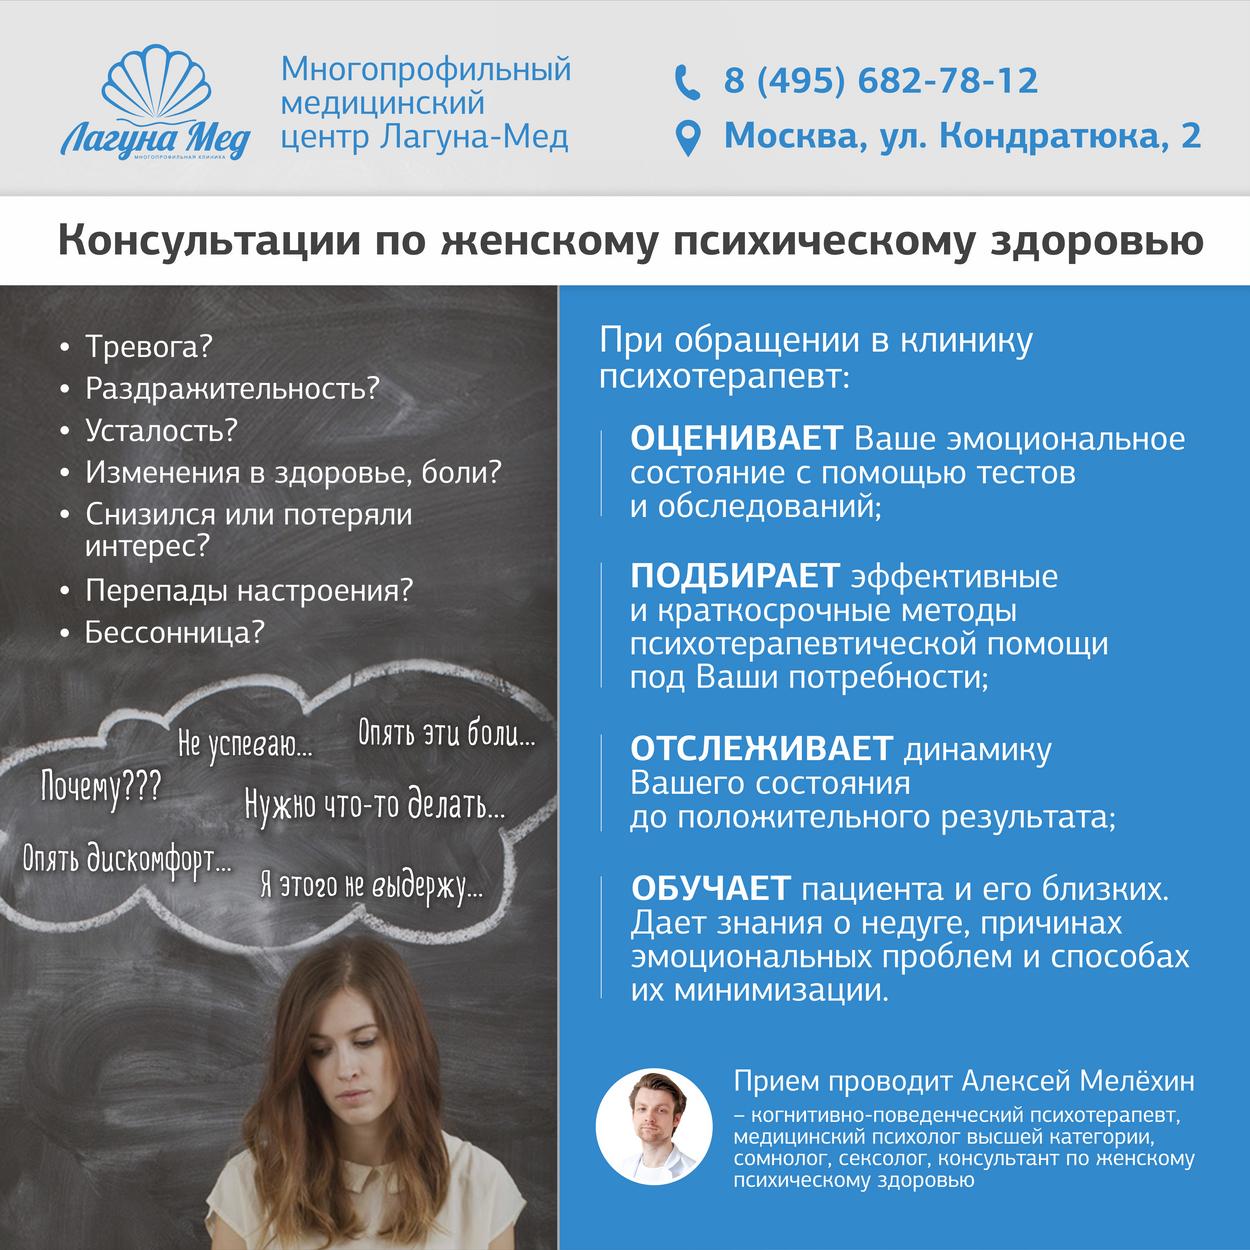 Прием Алексея Игоревича Мелёхина в гинекологической клинике Лагуна-Мед